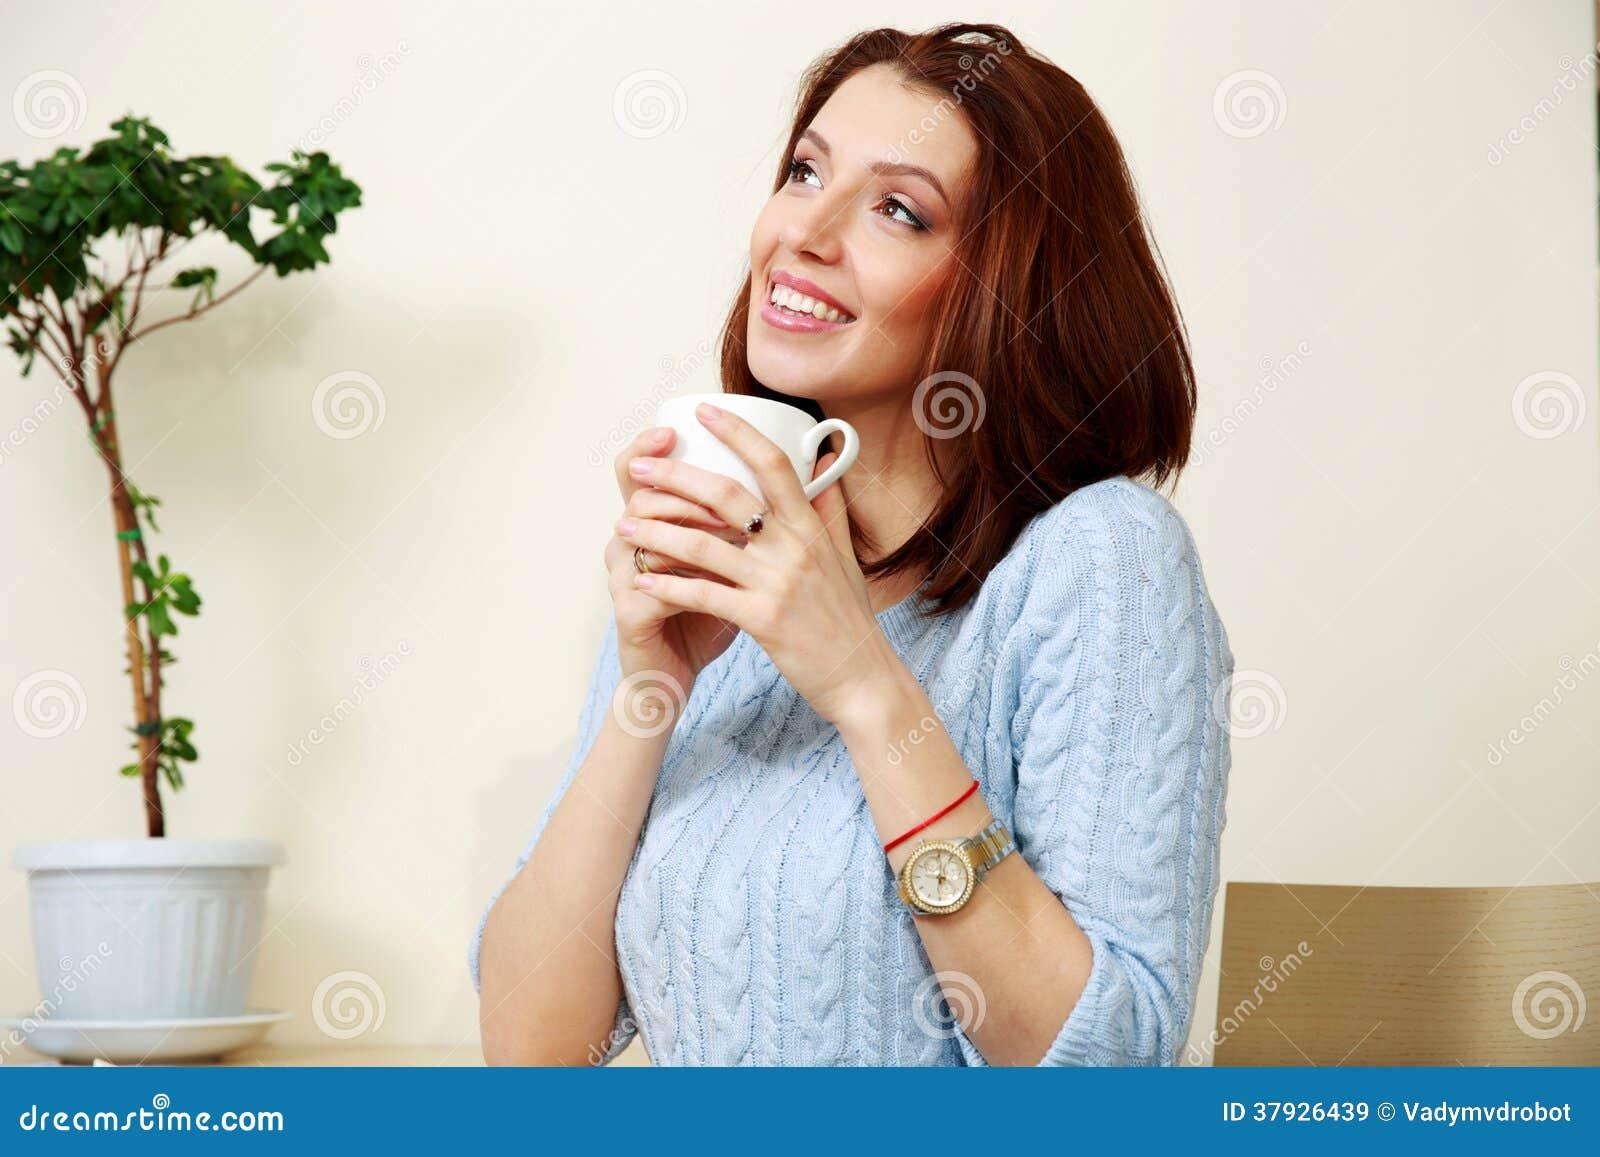 Заботливая женщина держа чашку с кофе